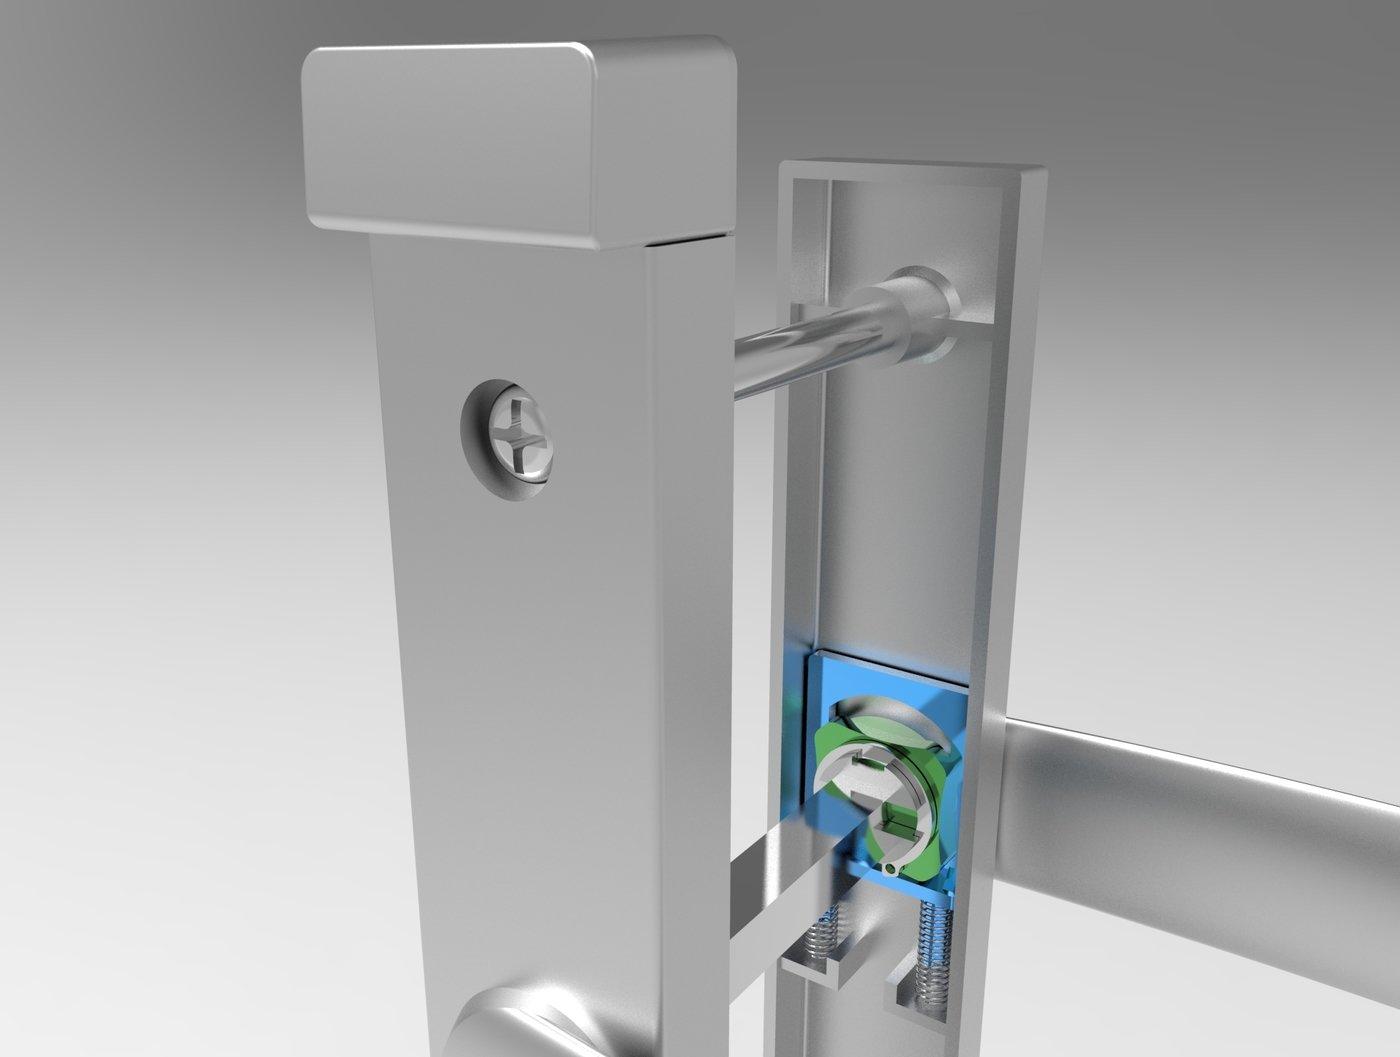 Trend Windows And Doors Bi Fold Door Handle By James